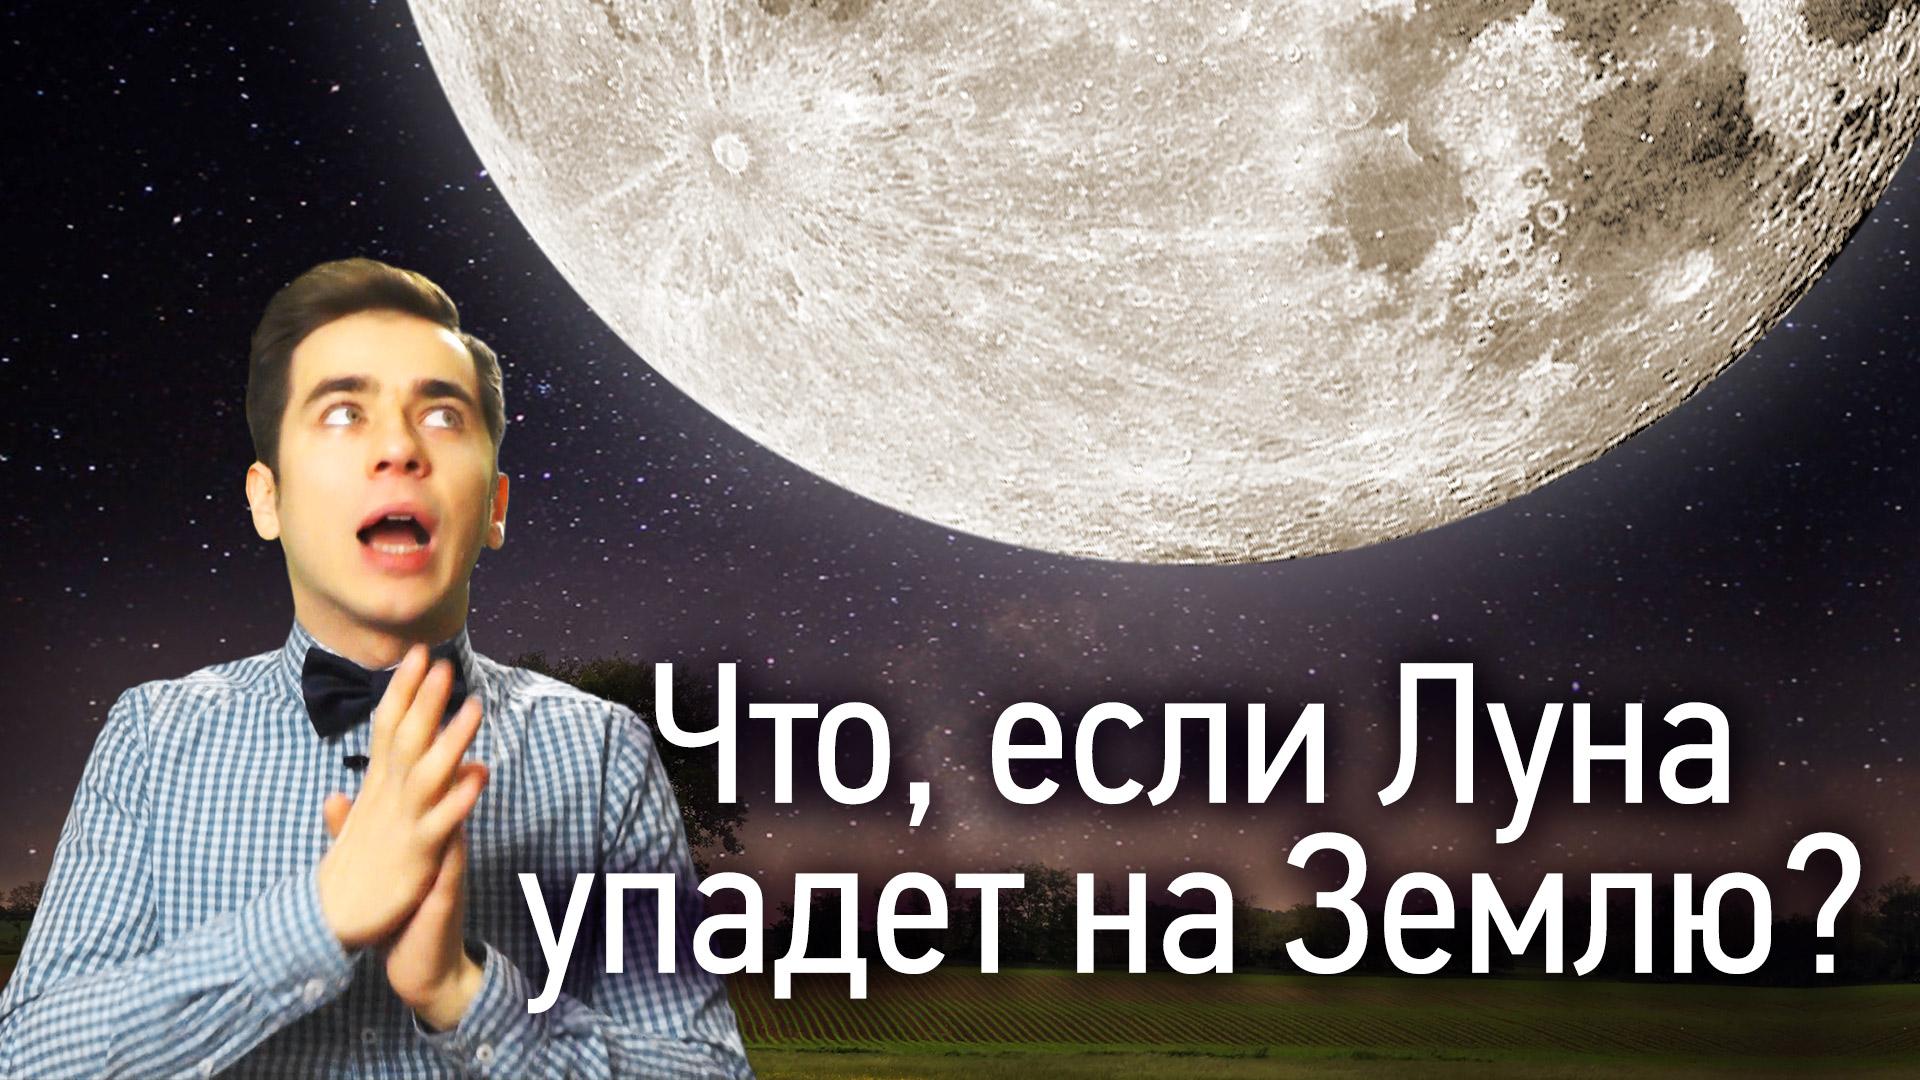 приливы, отливы, луна, космос, планеты, тайна, земля, наука, астрономия, Что, если Луна упадет на Землю?